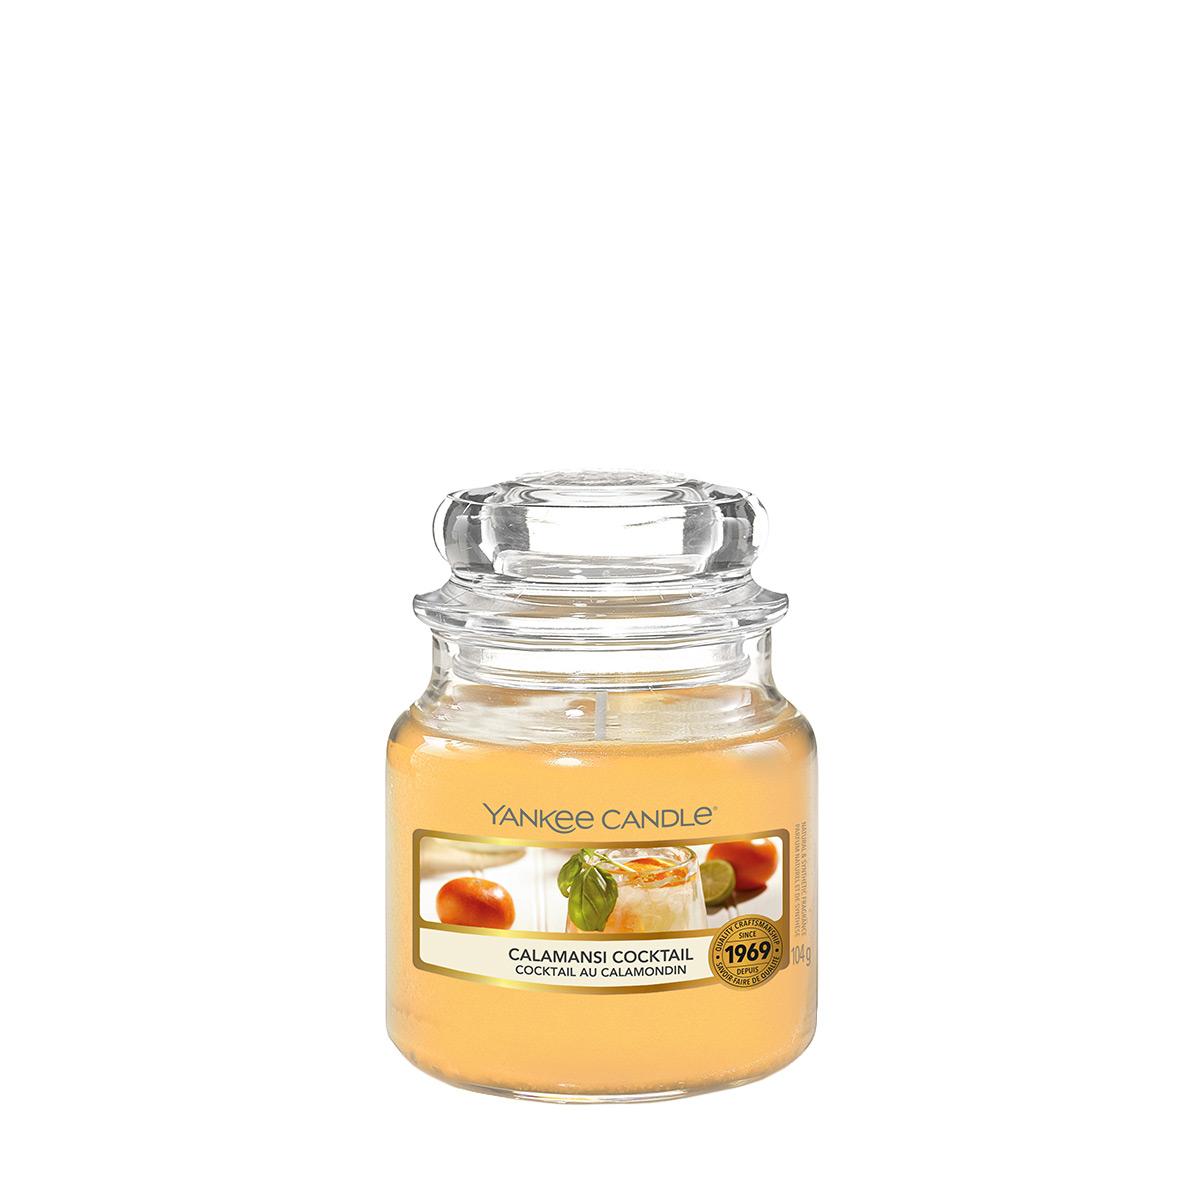 Calamansi-Cocktail-Small-Classic-Jar-New